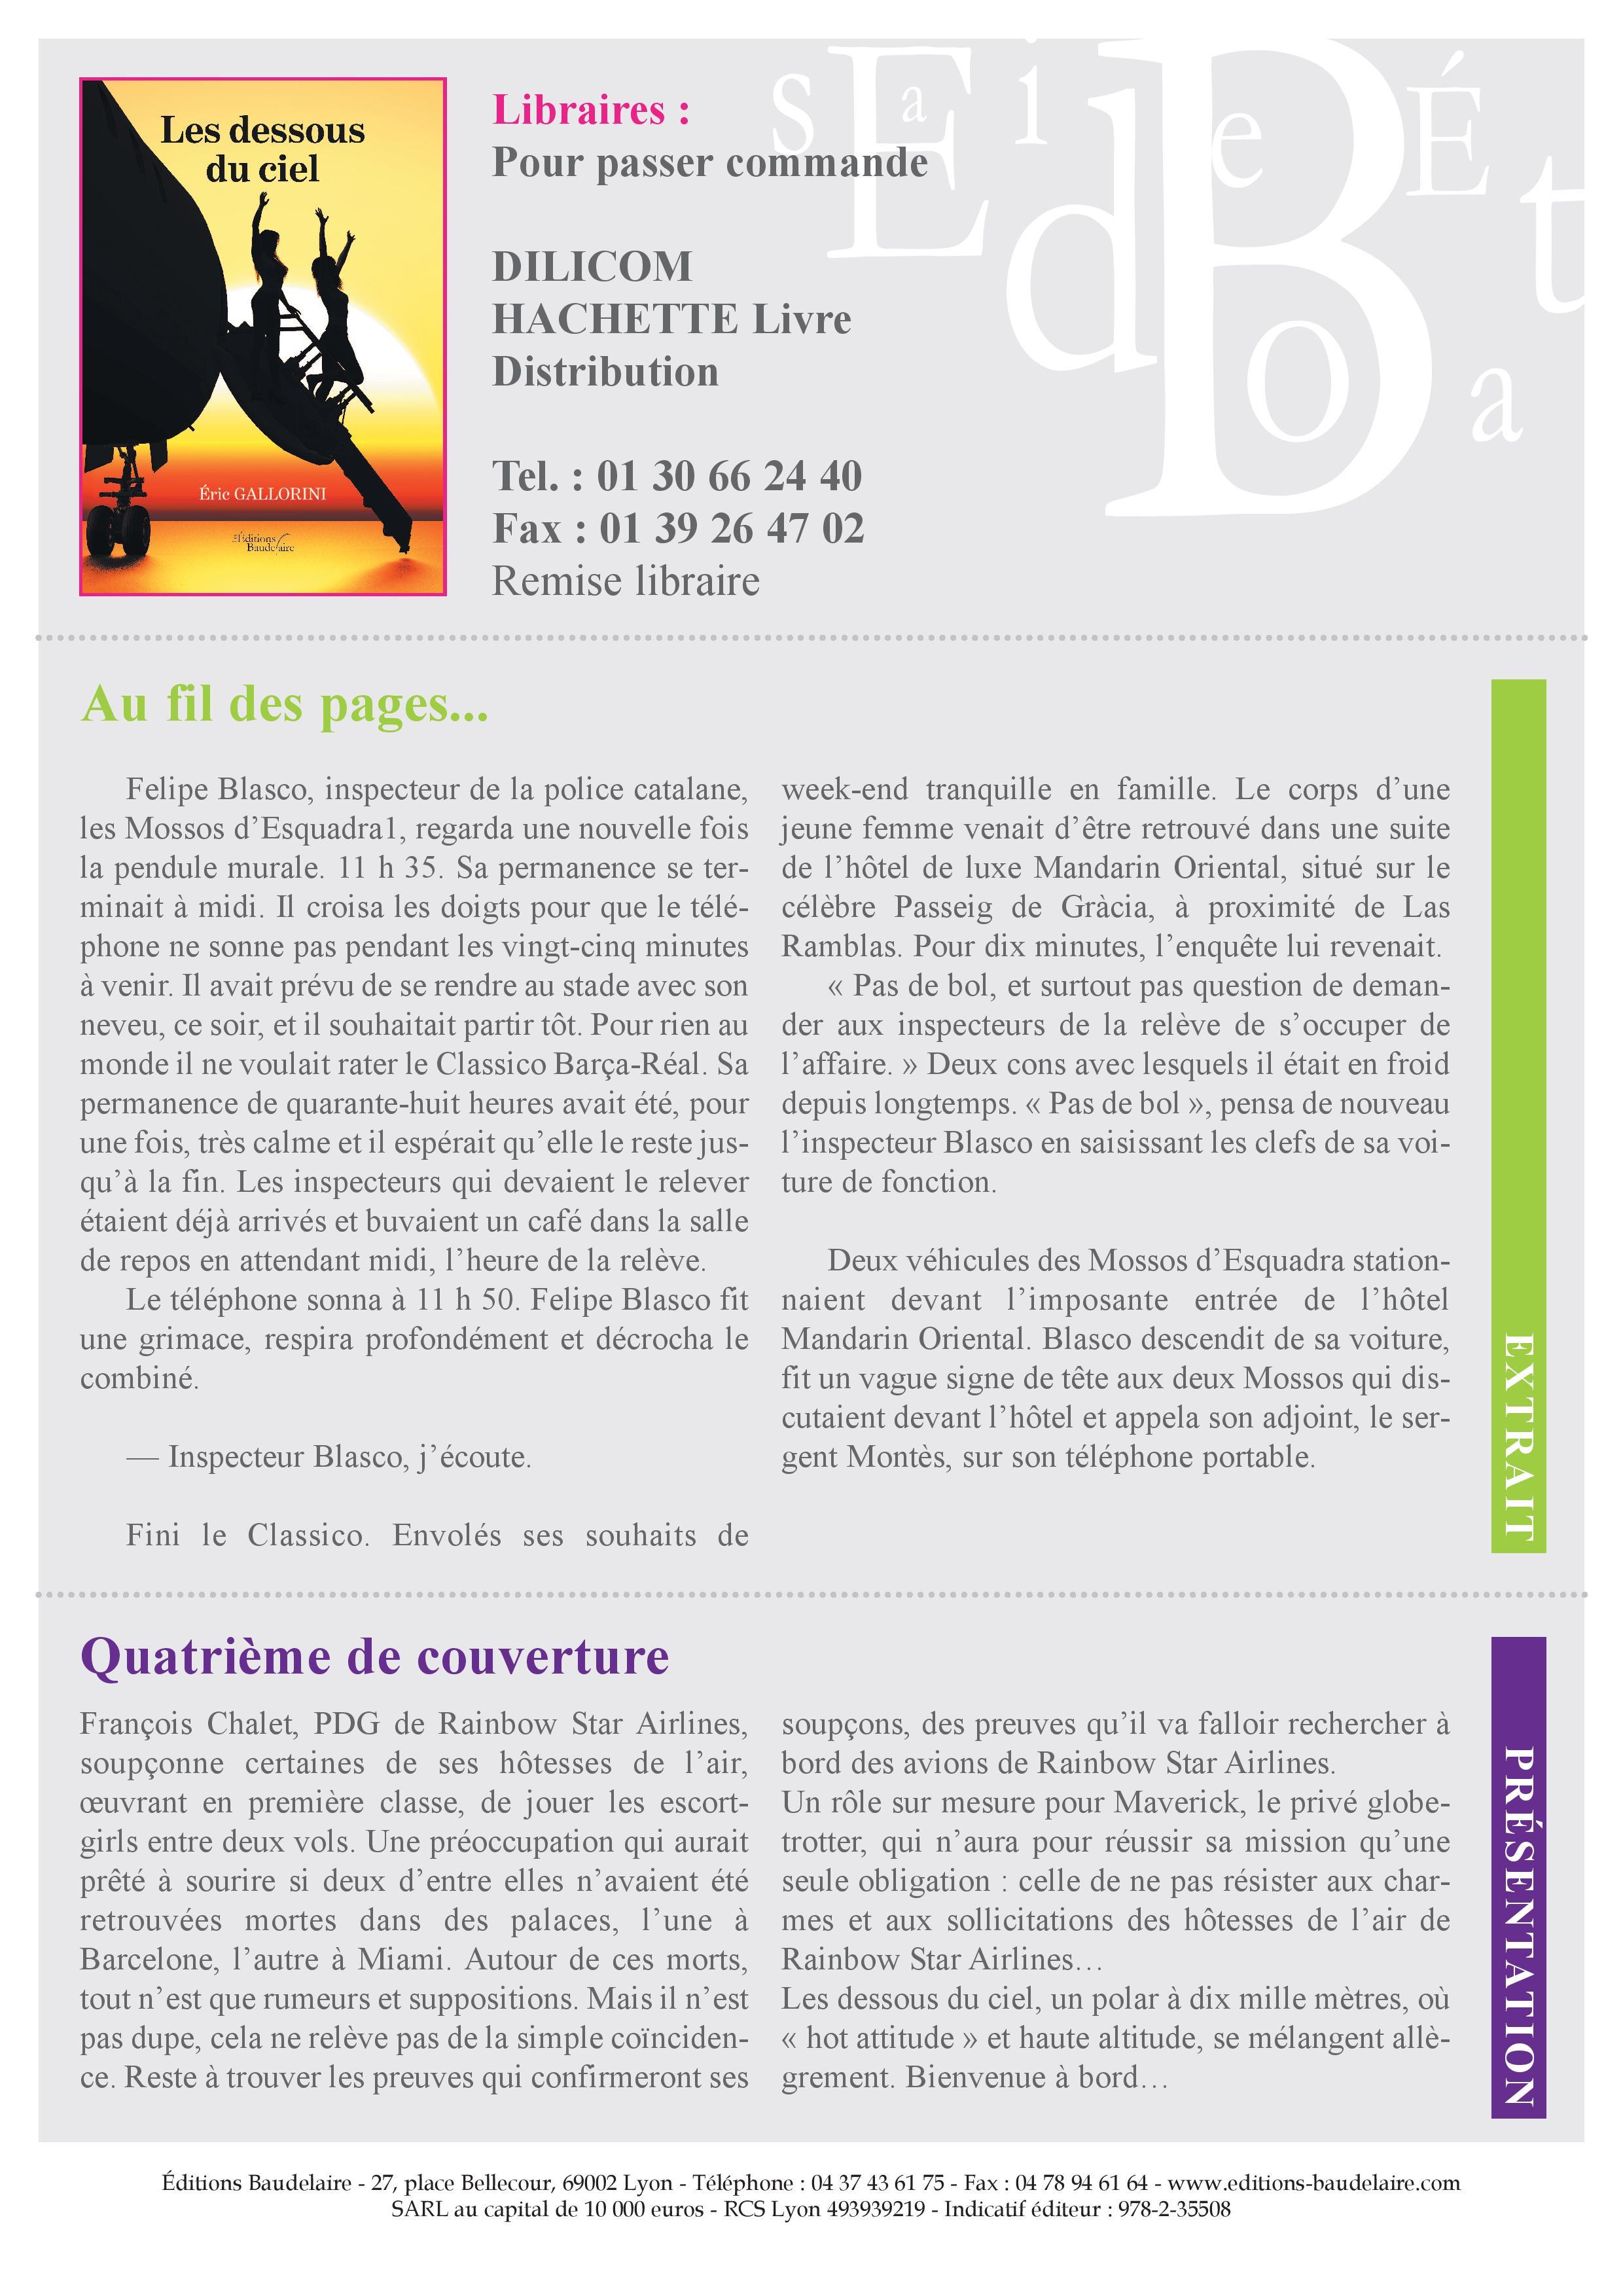 Dossier de presse Les dessous du ciel-page-002.jpg